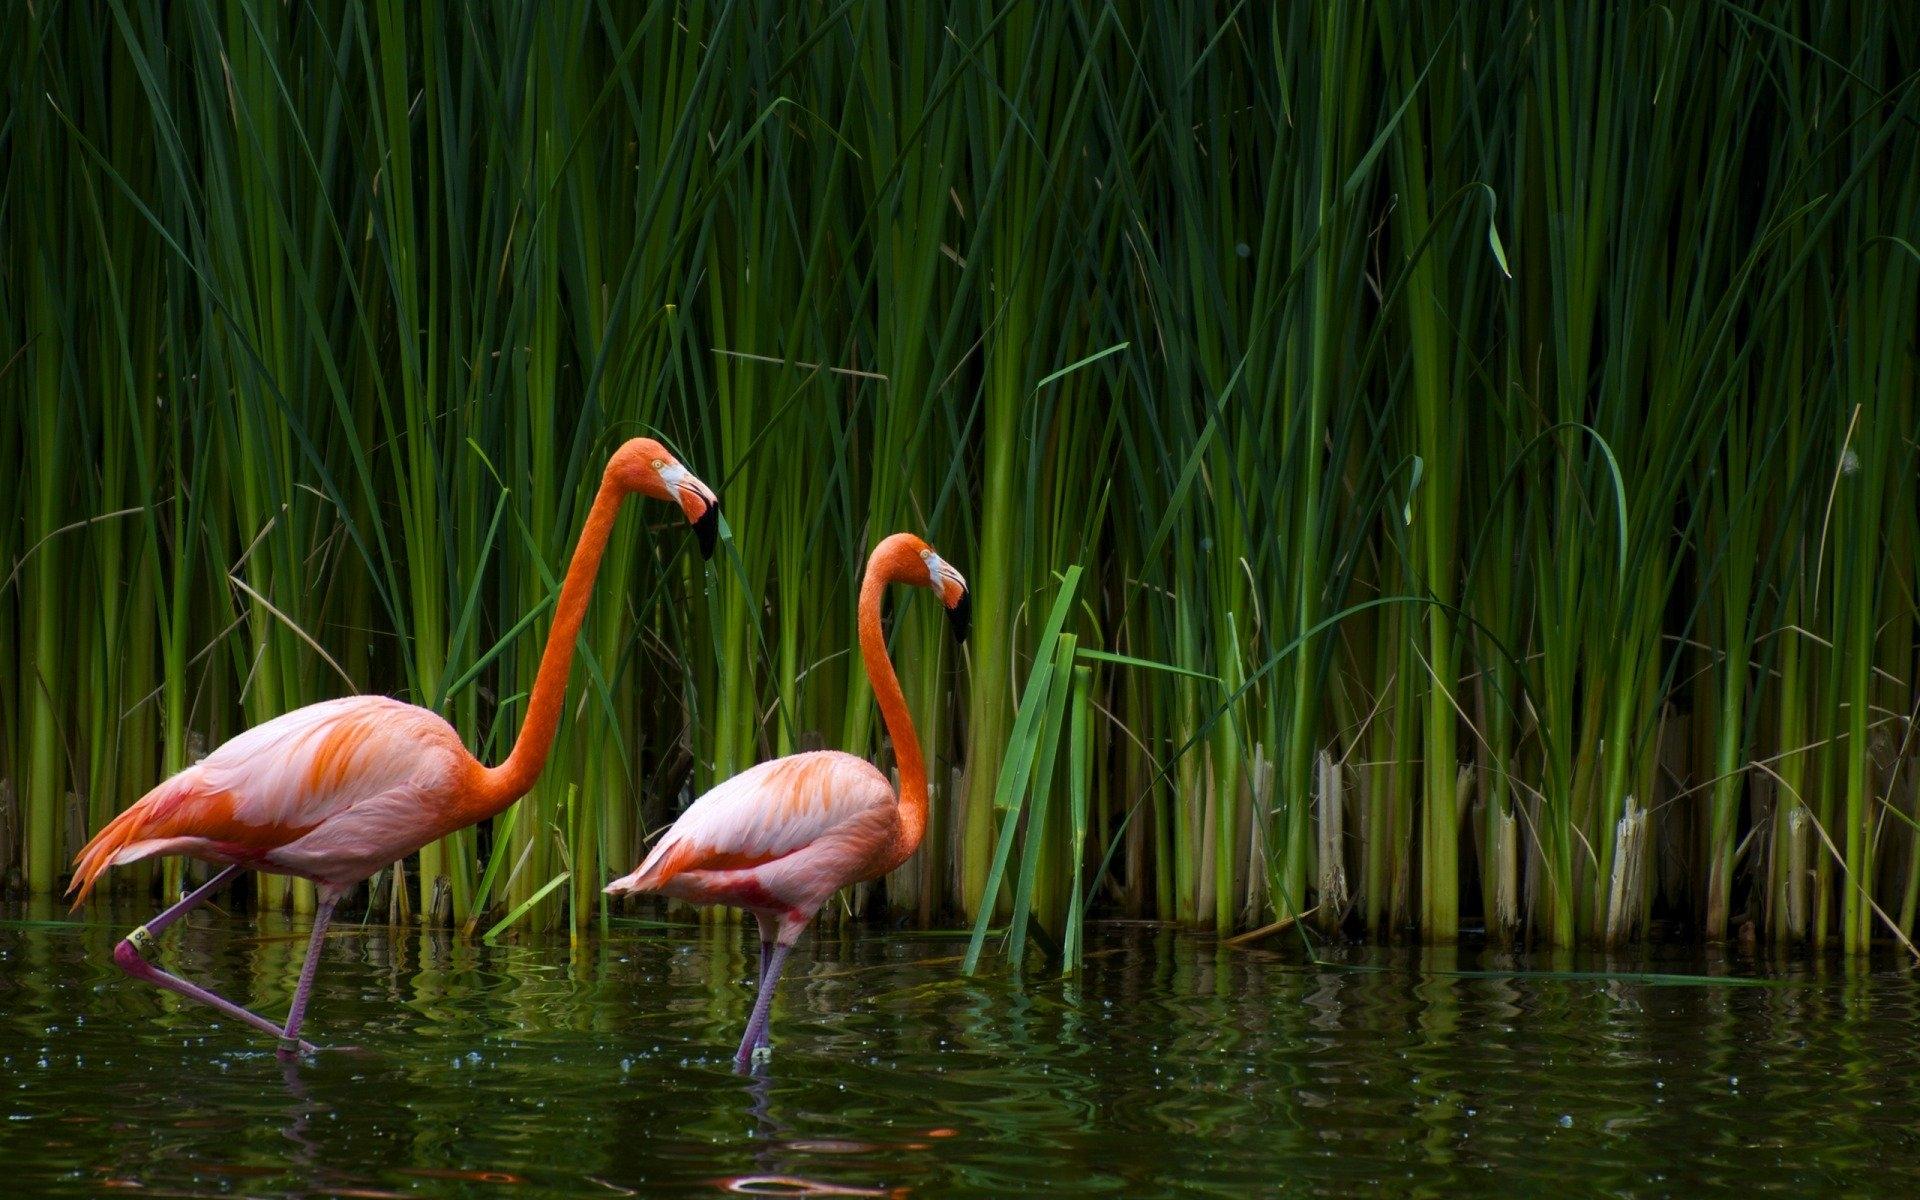 Картинки с фламинго на заставку   подборка (7)